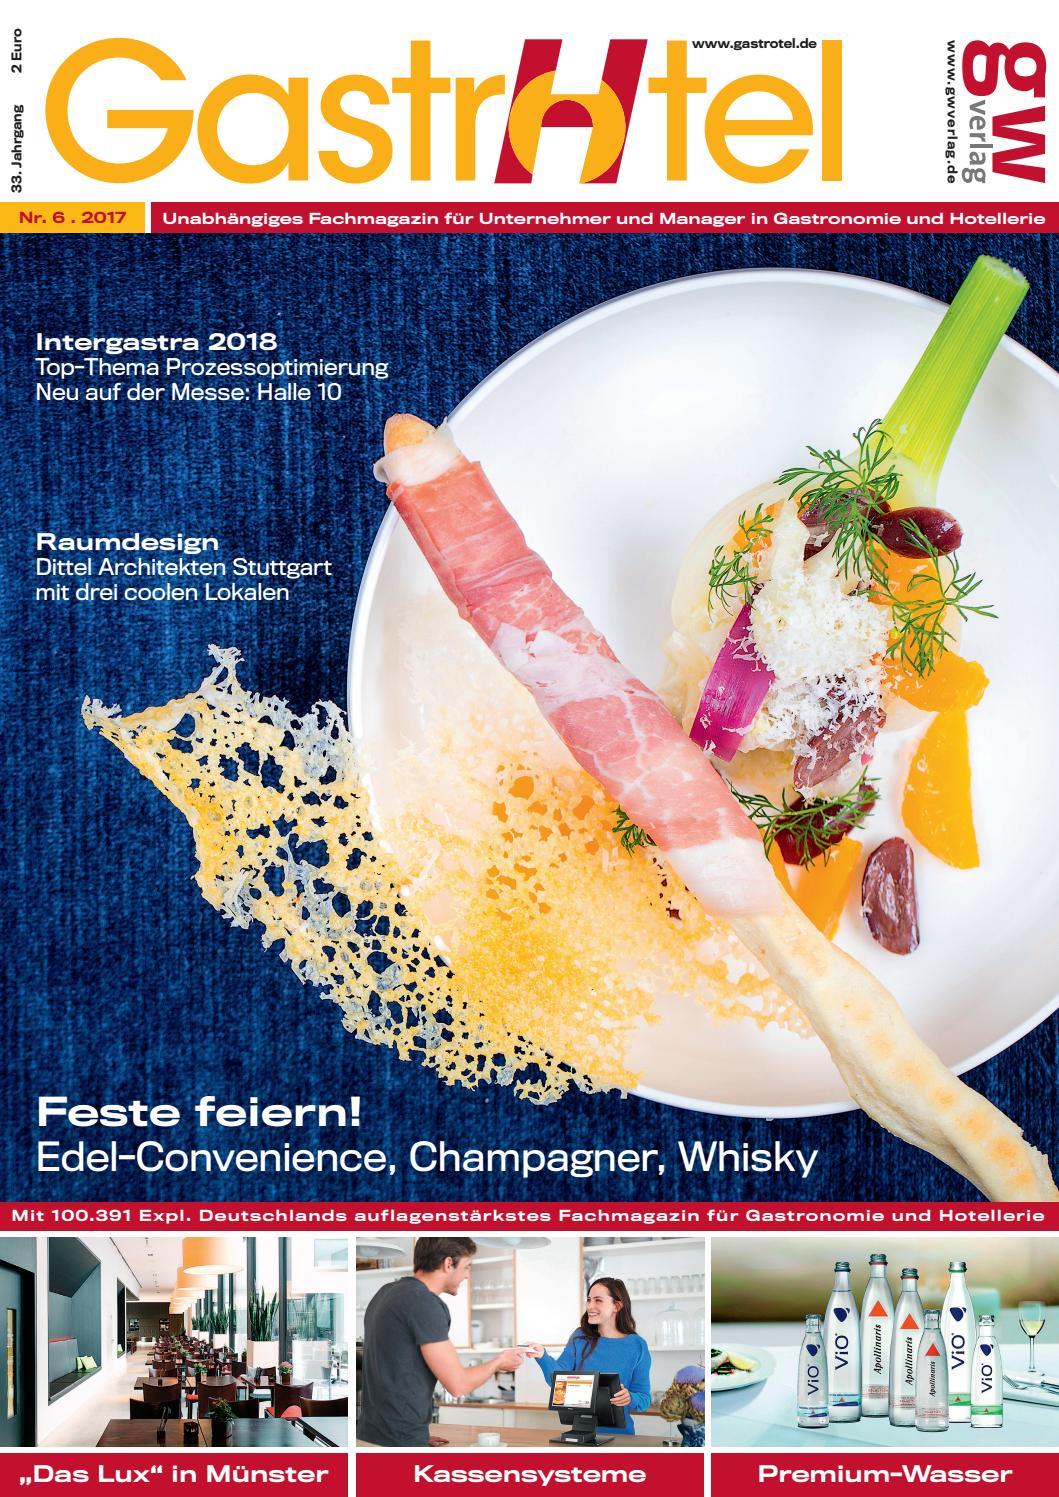 Gastrotel 6 2017 By Gw Verlag Issuu